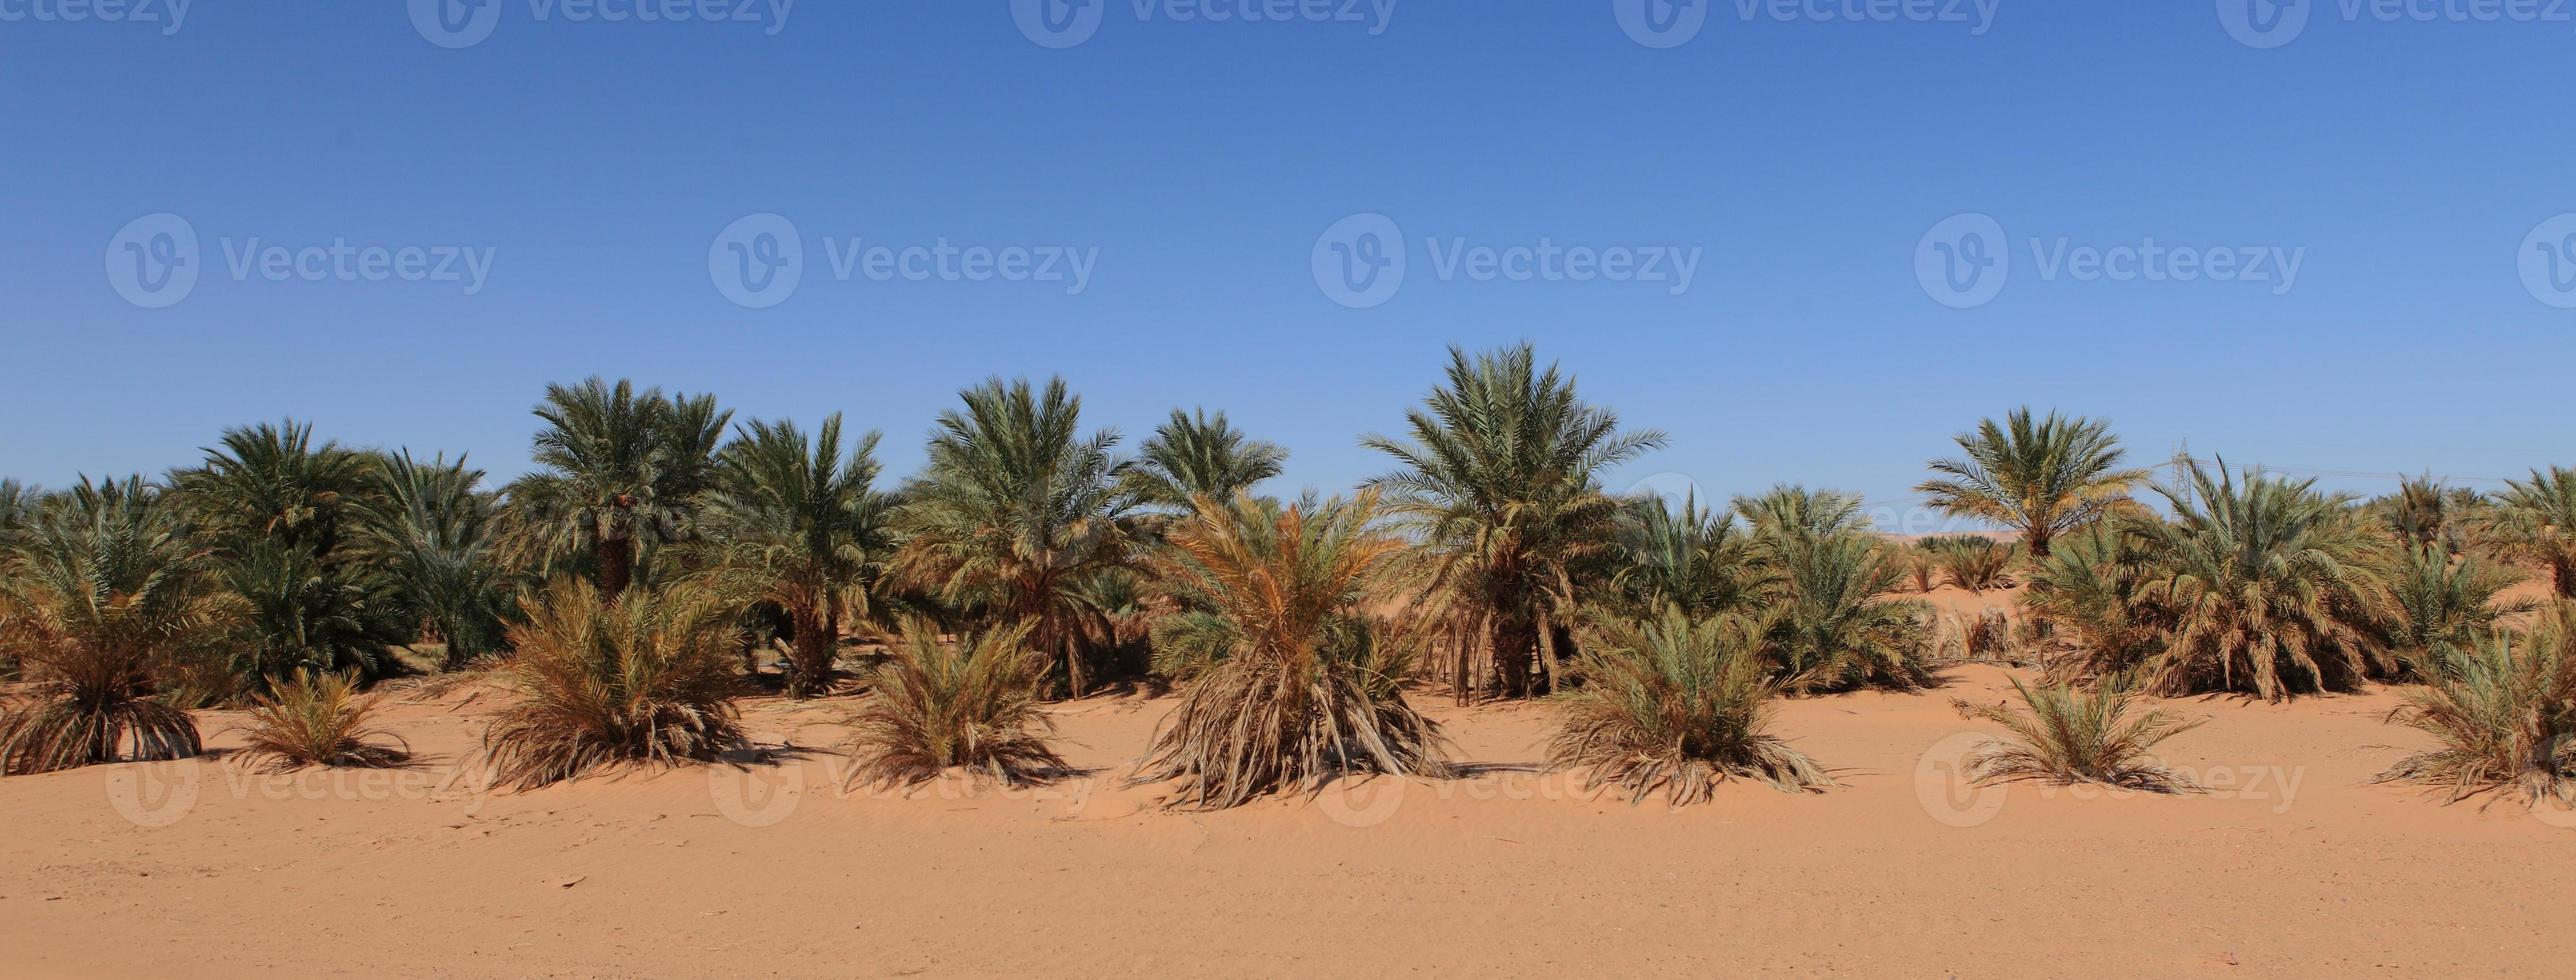 oasen in der wüste sahara photo